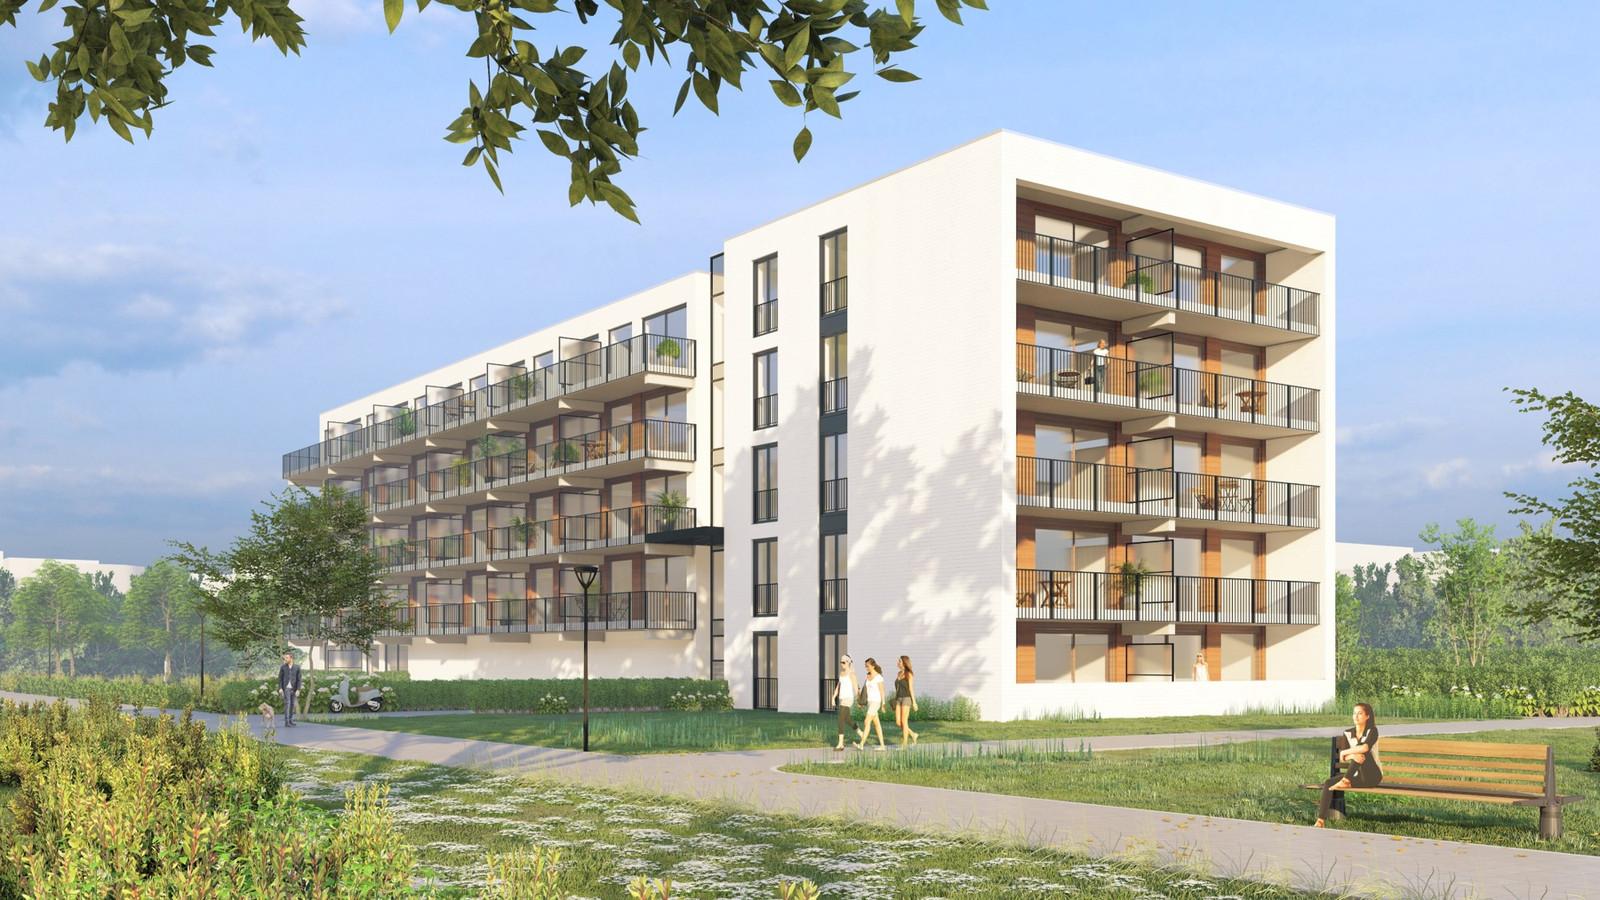 Een voorbeeld van een gestandaardiseerd appartementengebouw.